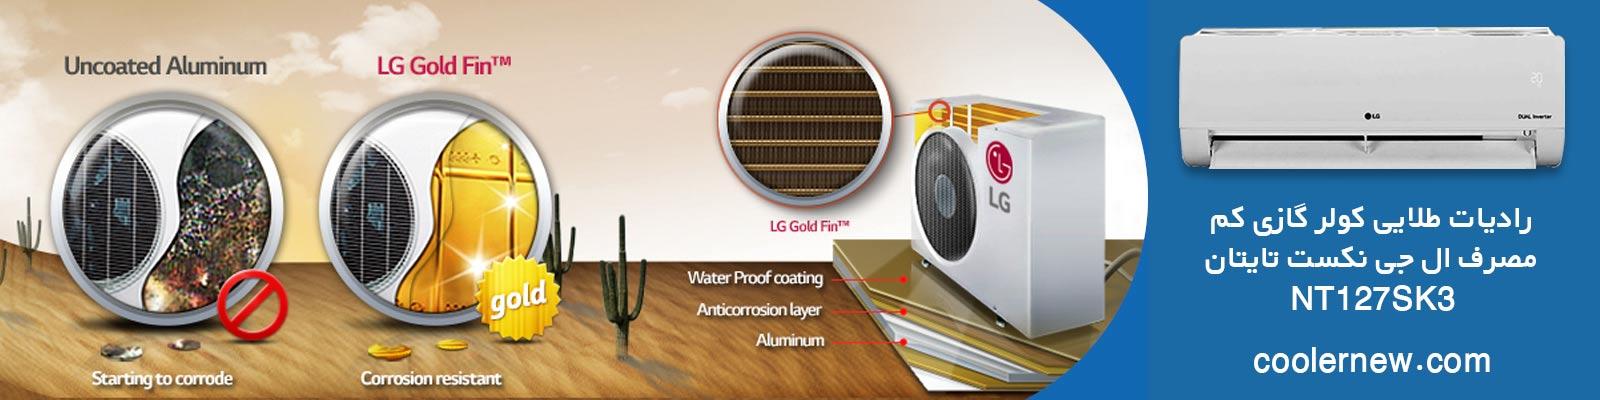 رادیات طلایی کولر گازی کم مصرف ال جی نکست تایتان NT127SK3